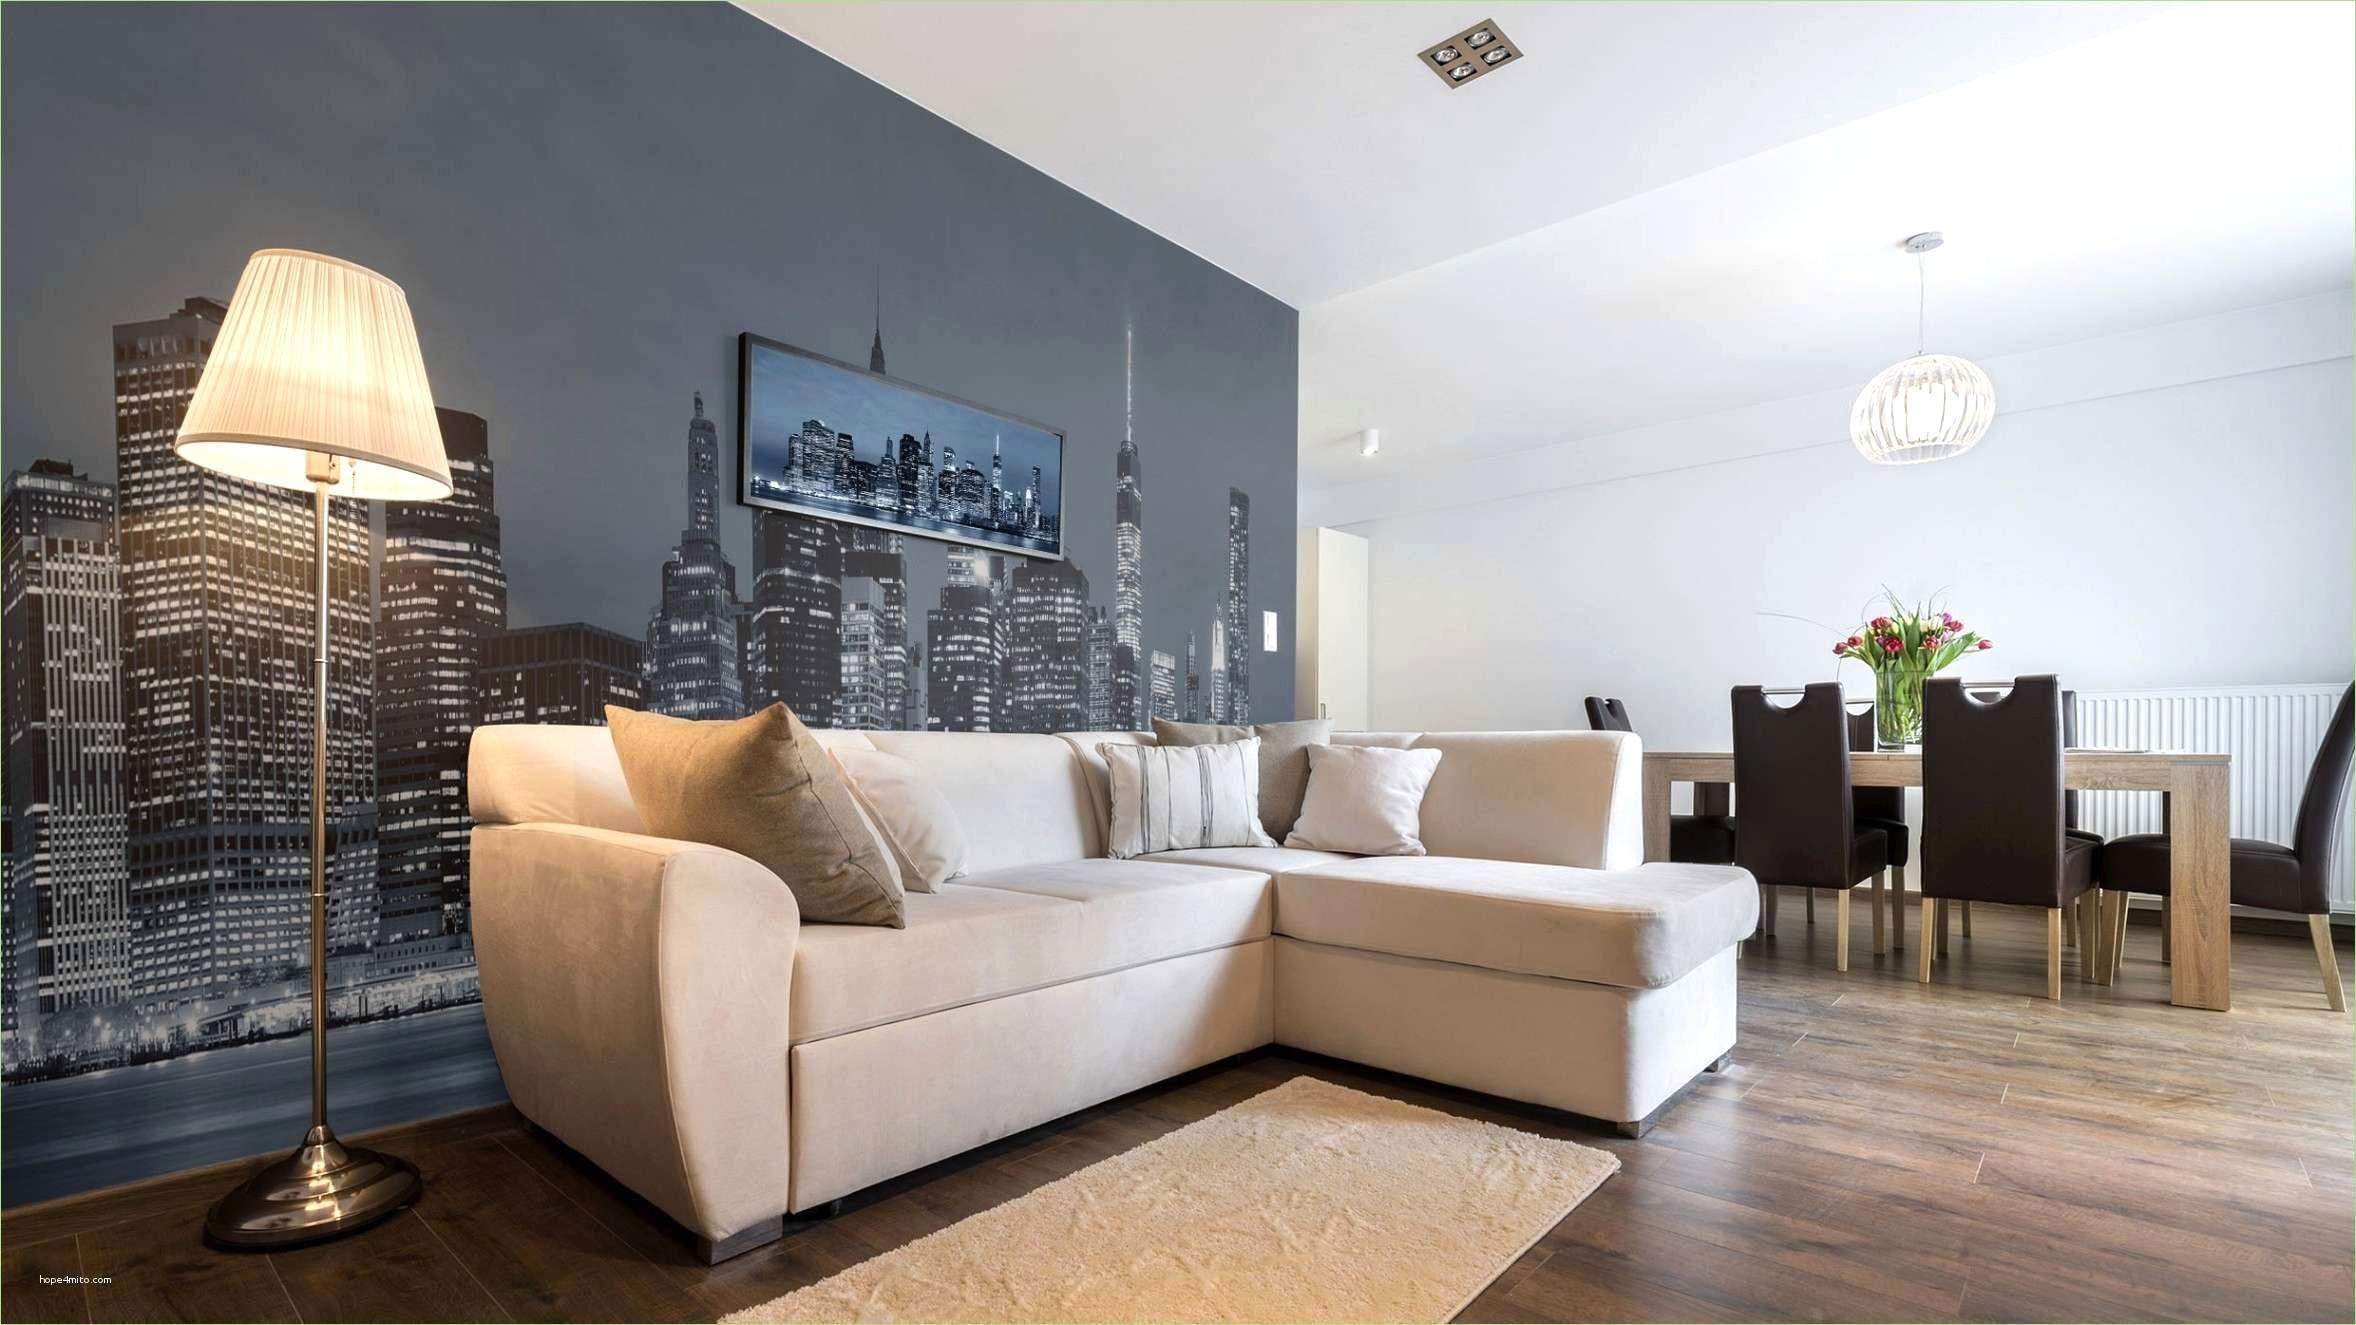 dekoideen wohnzimmer wand luxus deko wand wohnzimmer inspirierend 35 schon garten wand of dekoideen wohnzimmer wand